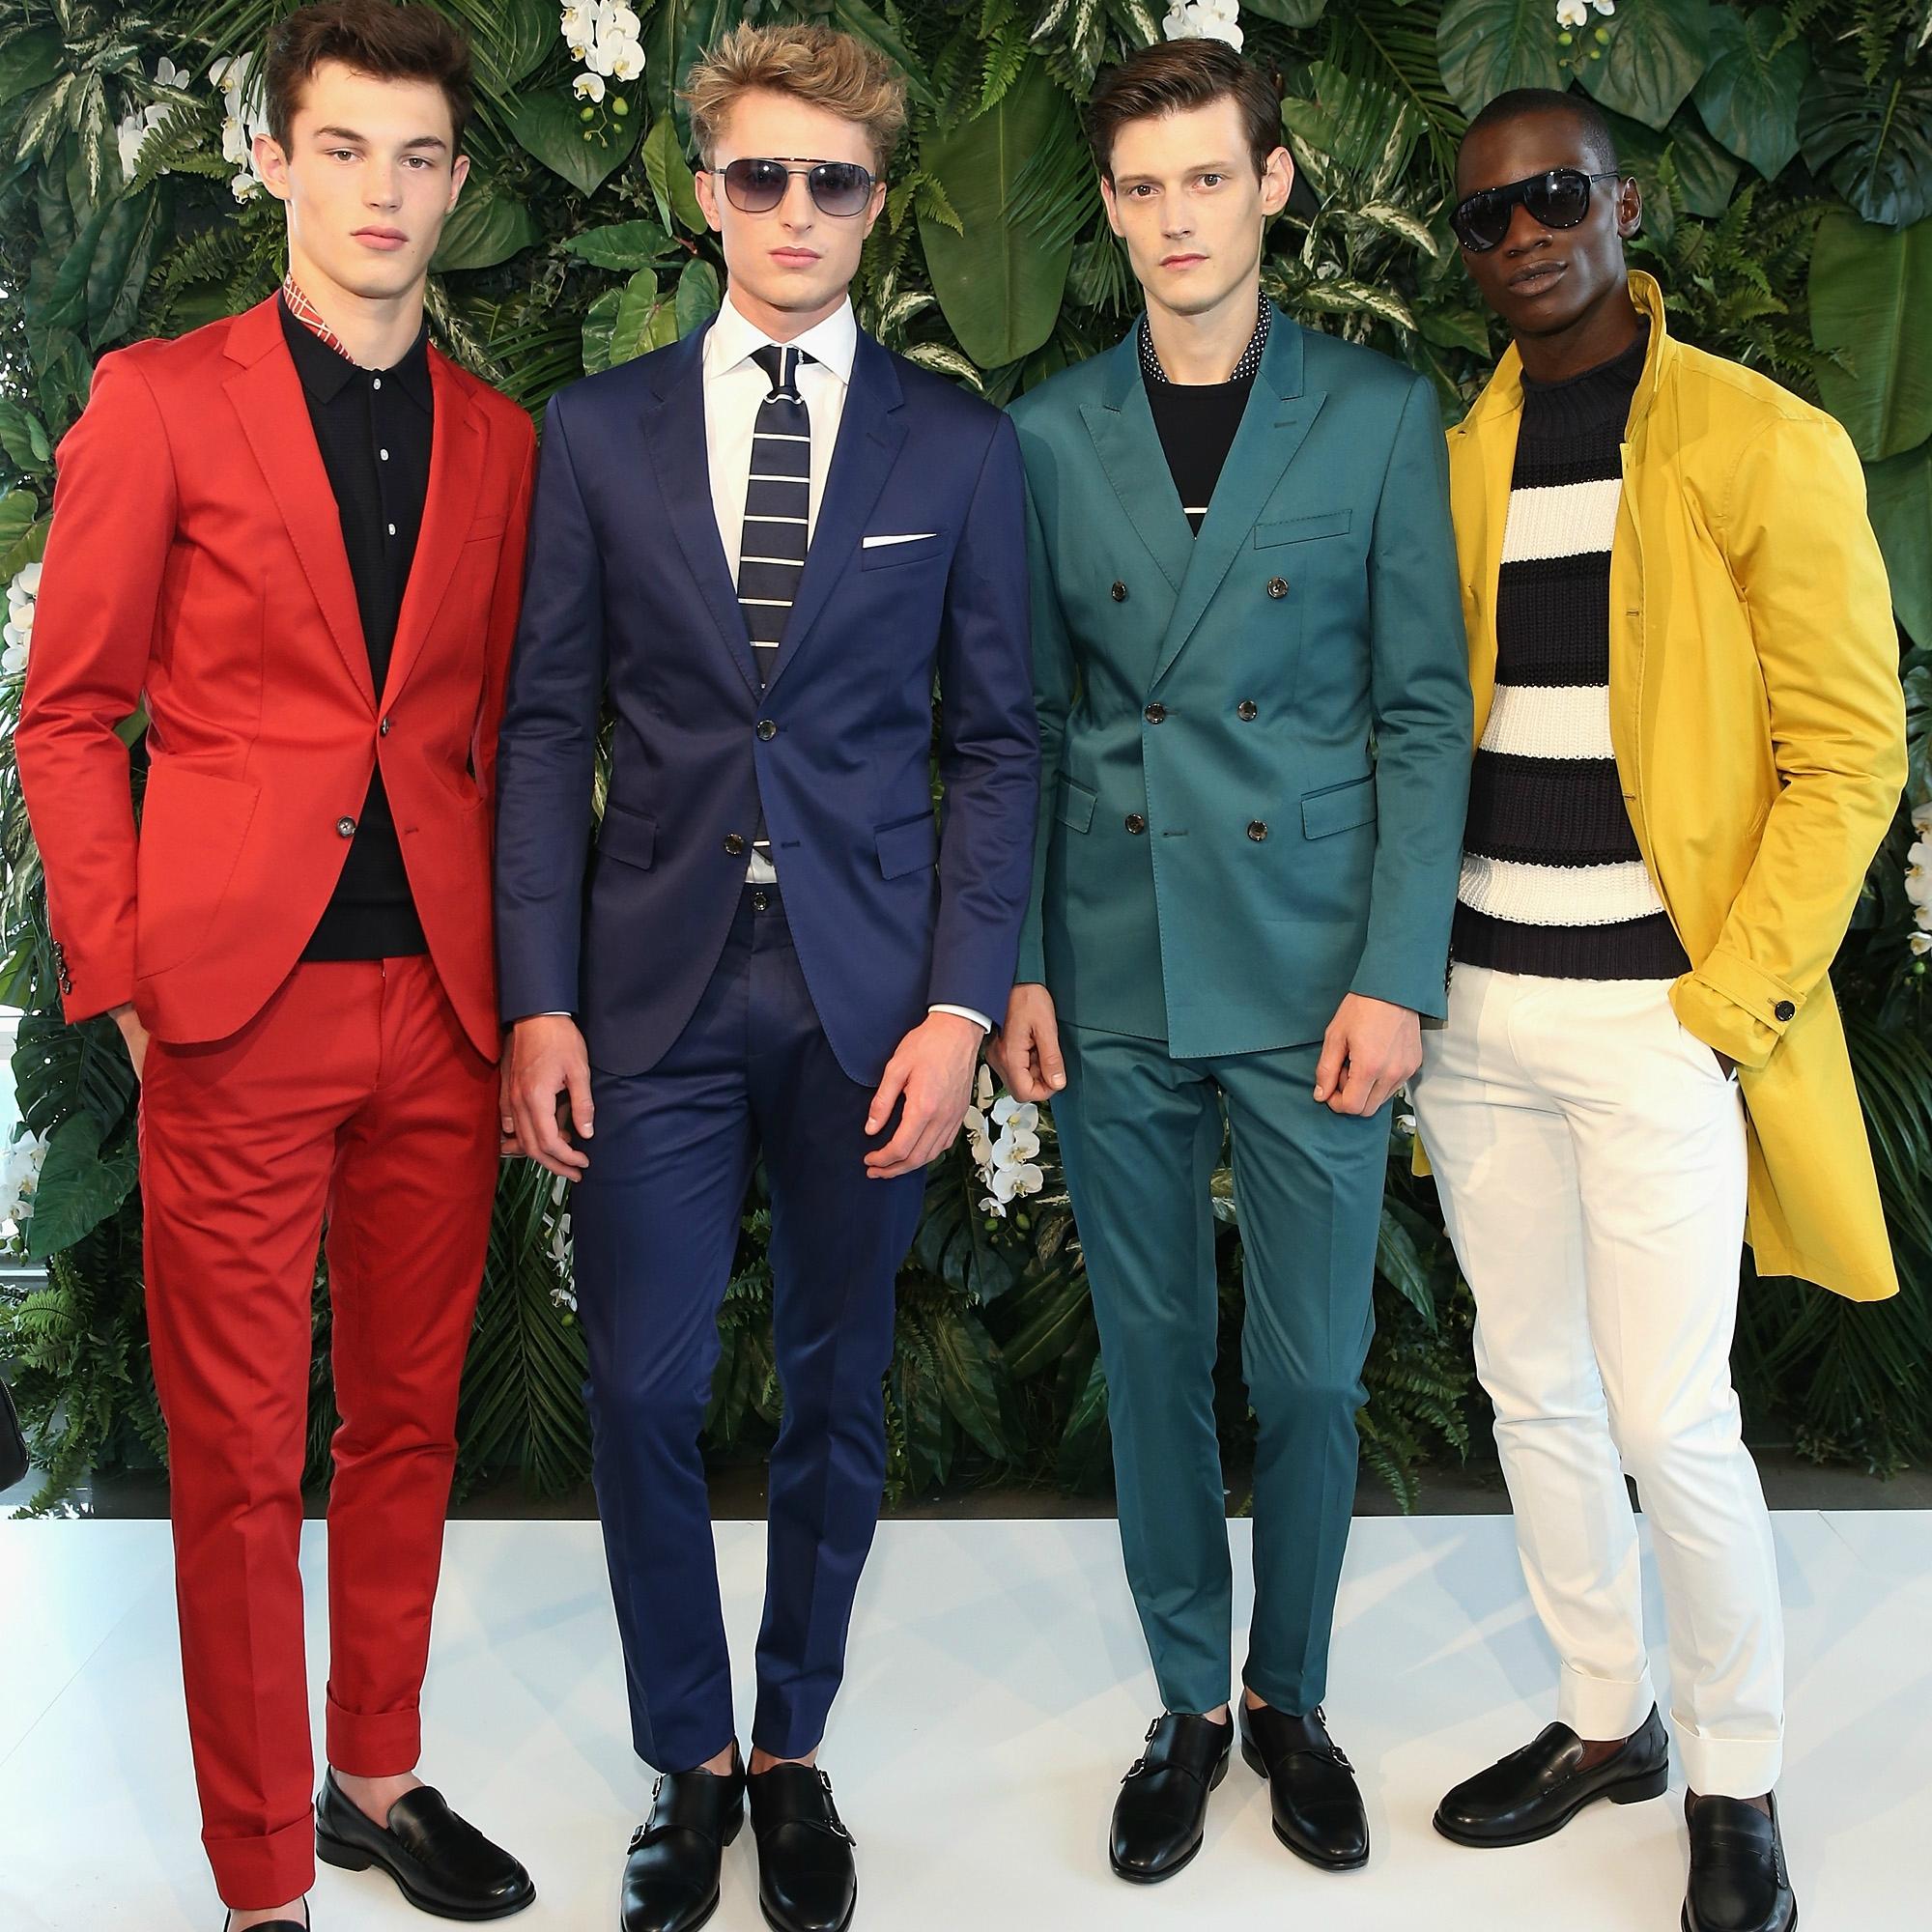 Скромното дебютно издание на New York Fashion Week: Men's миналата седмица започна с няколко дузини ревюта и презентации, огромен ентусиазъм и сериозна заявка от участници, спонсори и организатори да повтори успеха на LC:M. Американските модни къщи едва ли ще имат проблем...